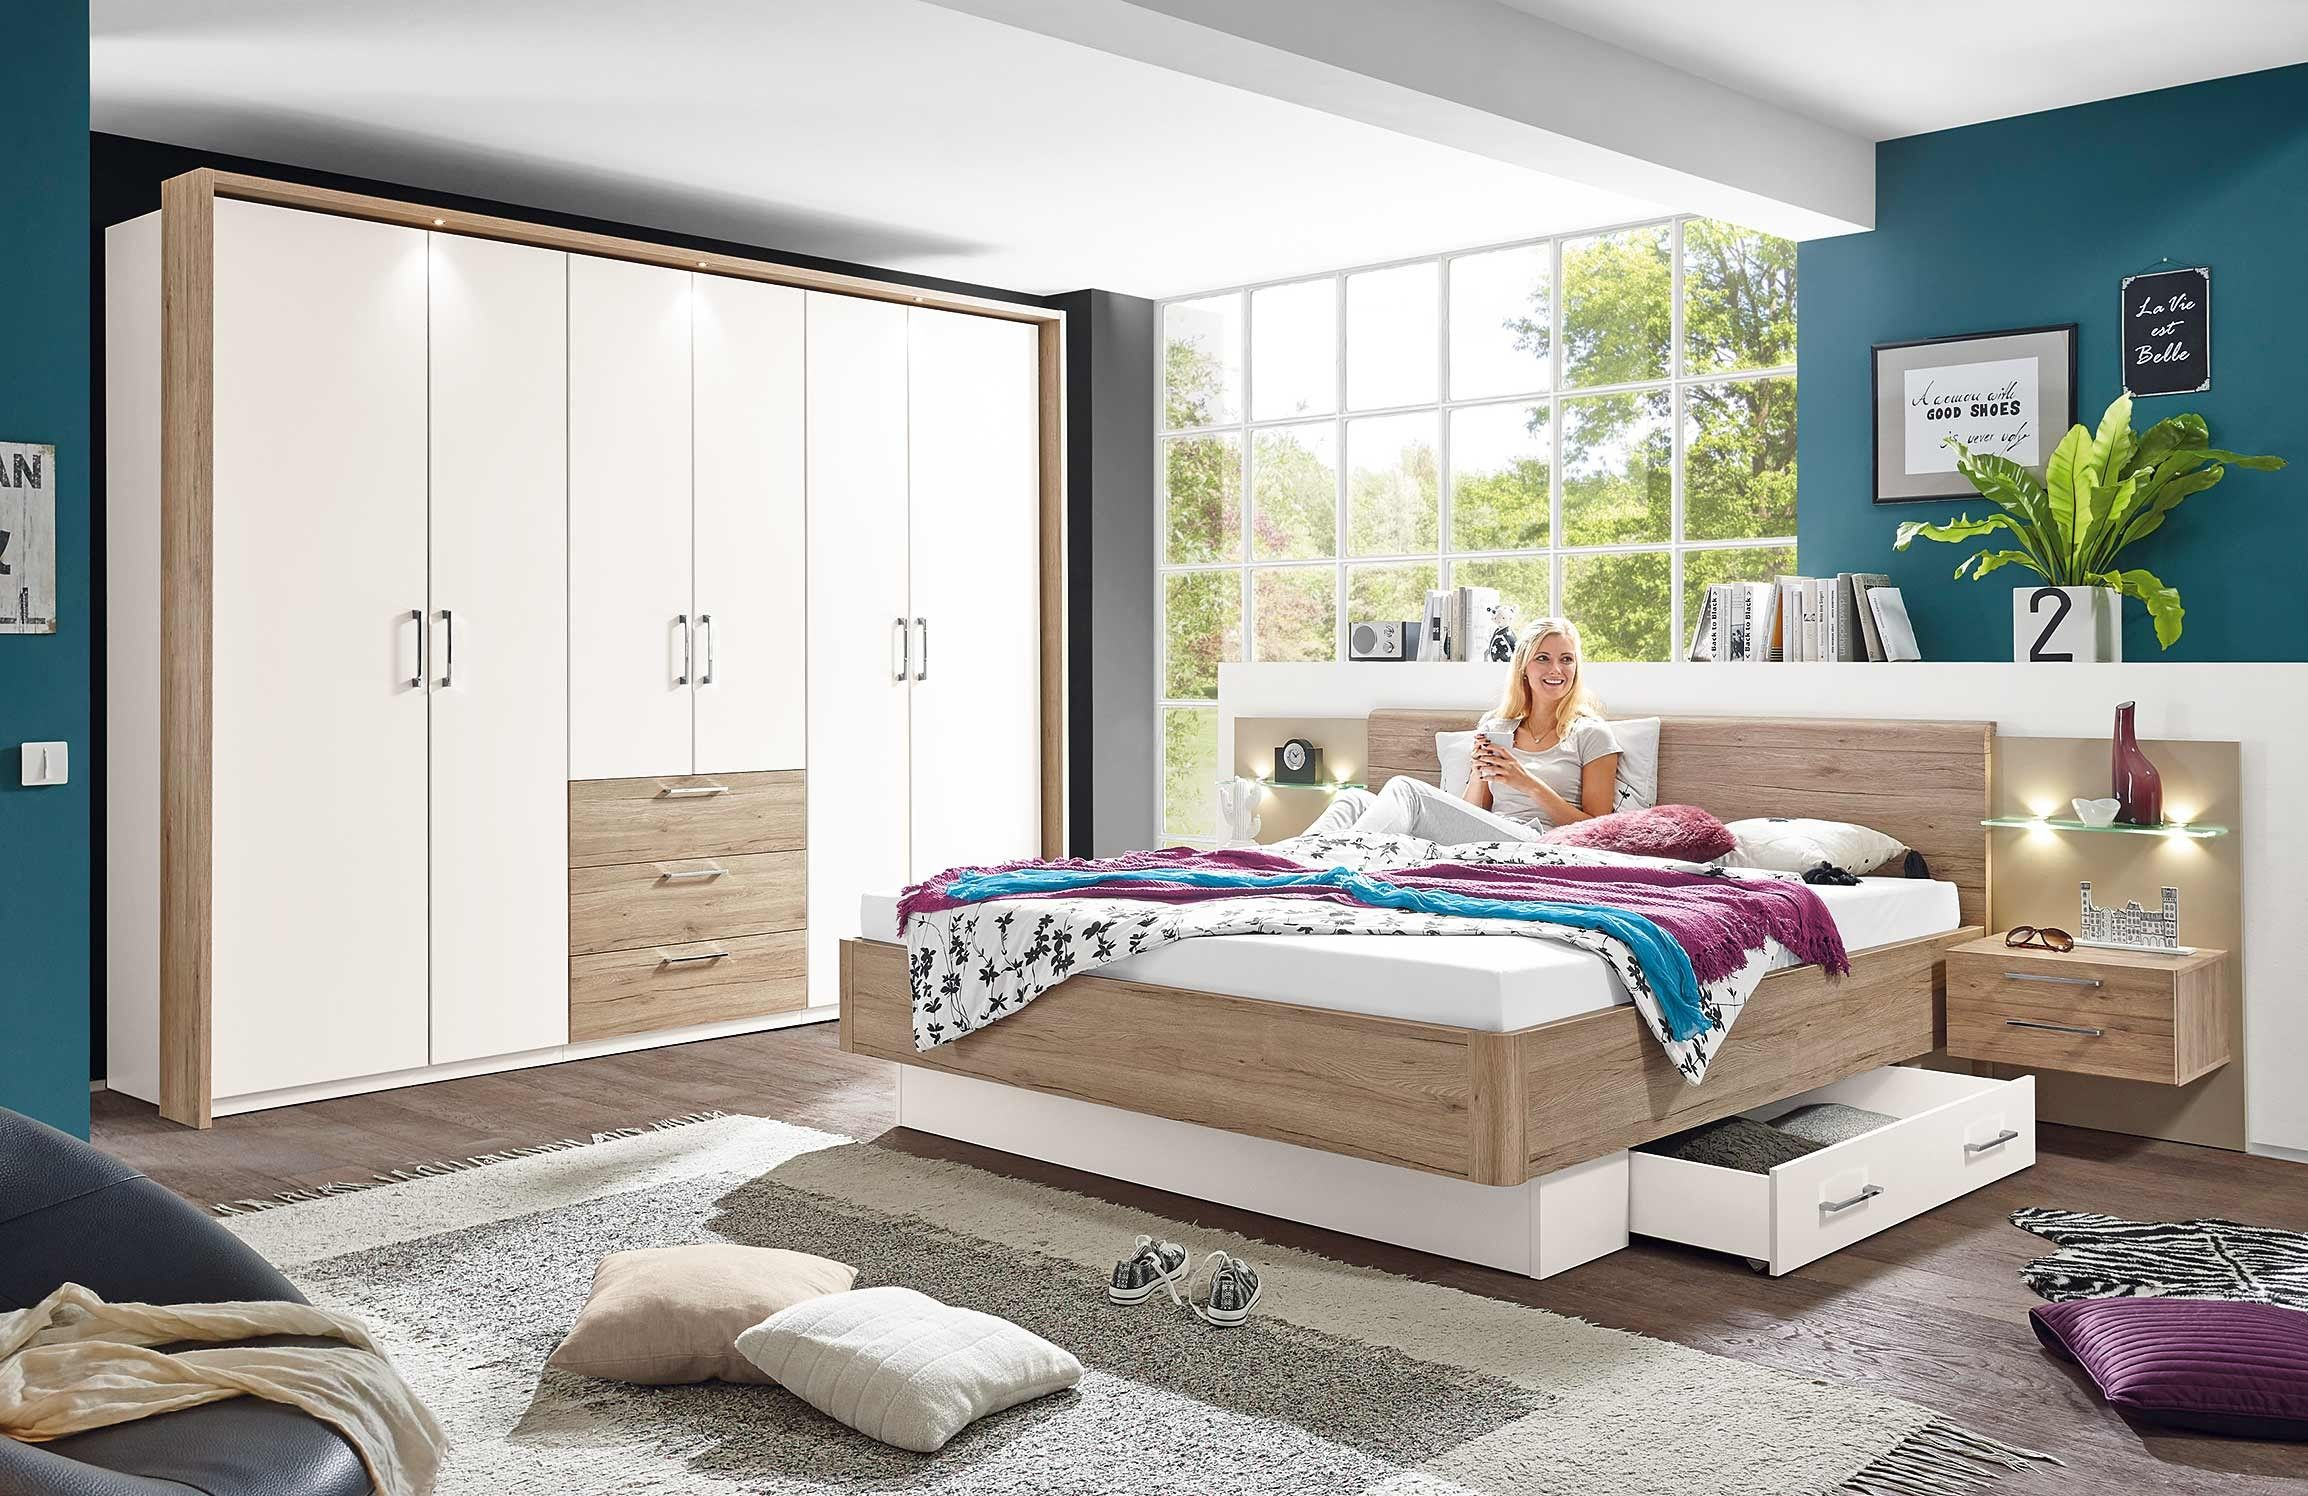 Schlafzimmer vito ~ Gestalten sie ihr schlafzimmer in modernem design mit diesem